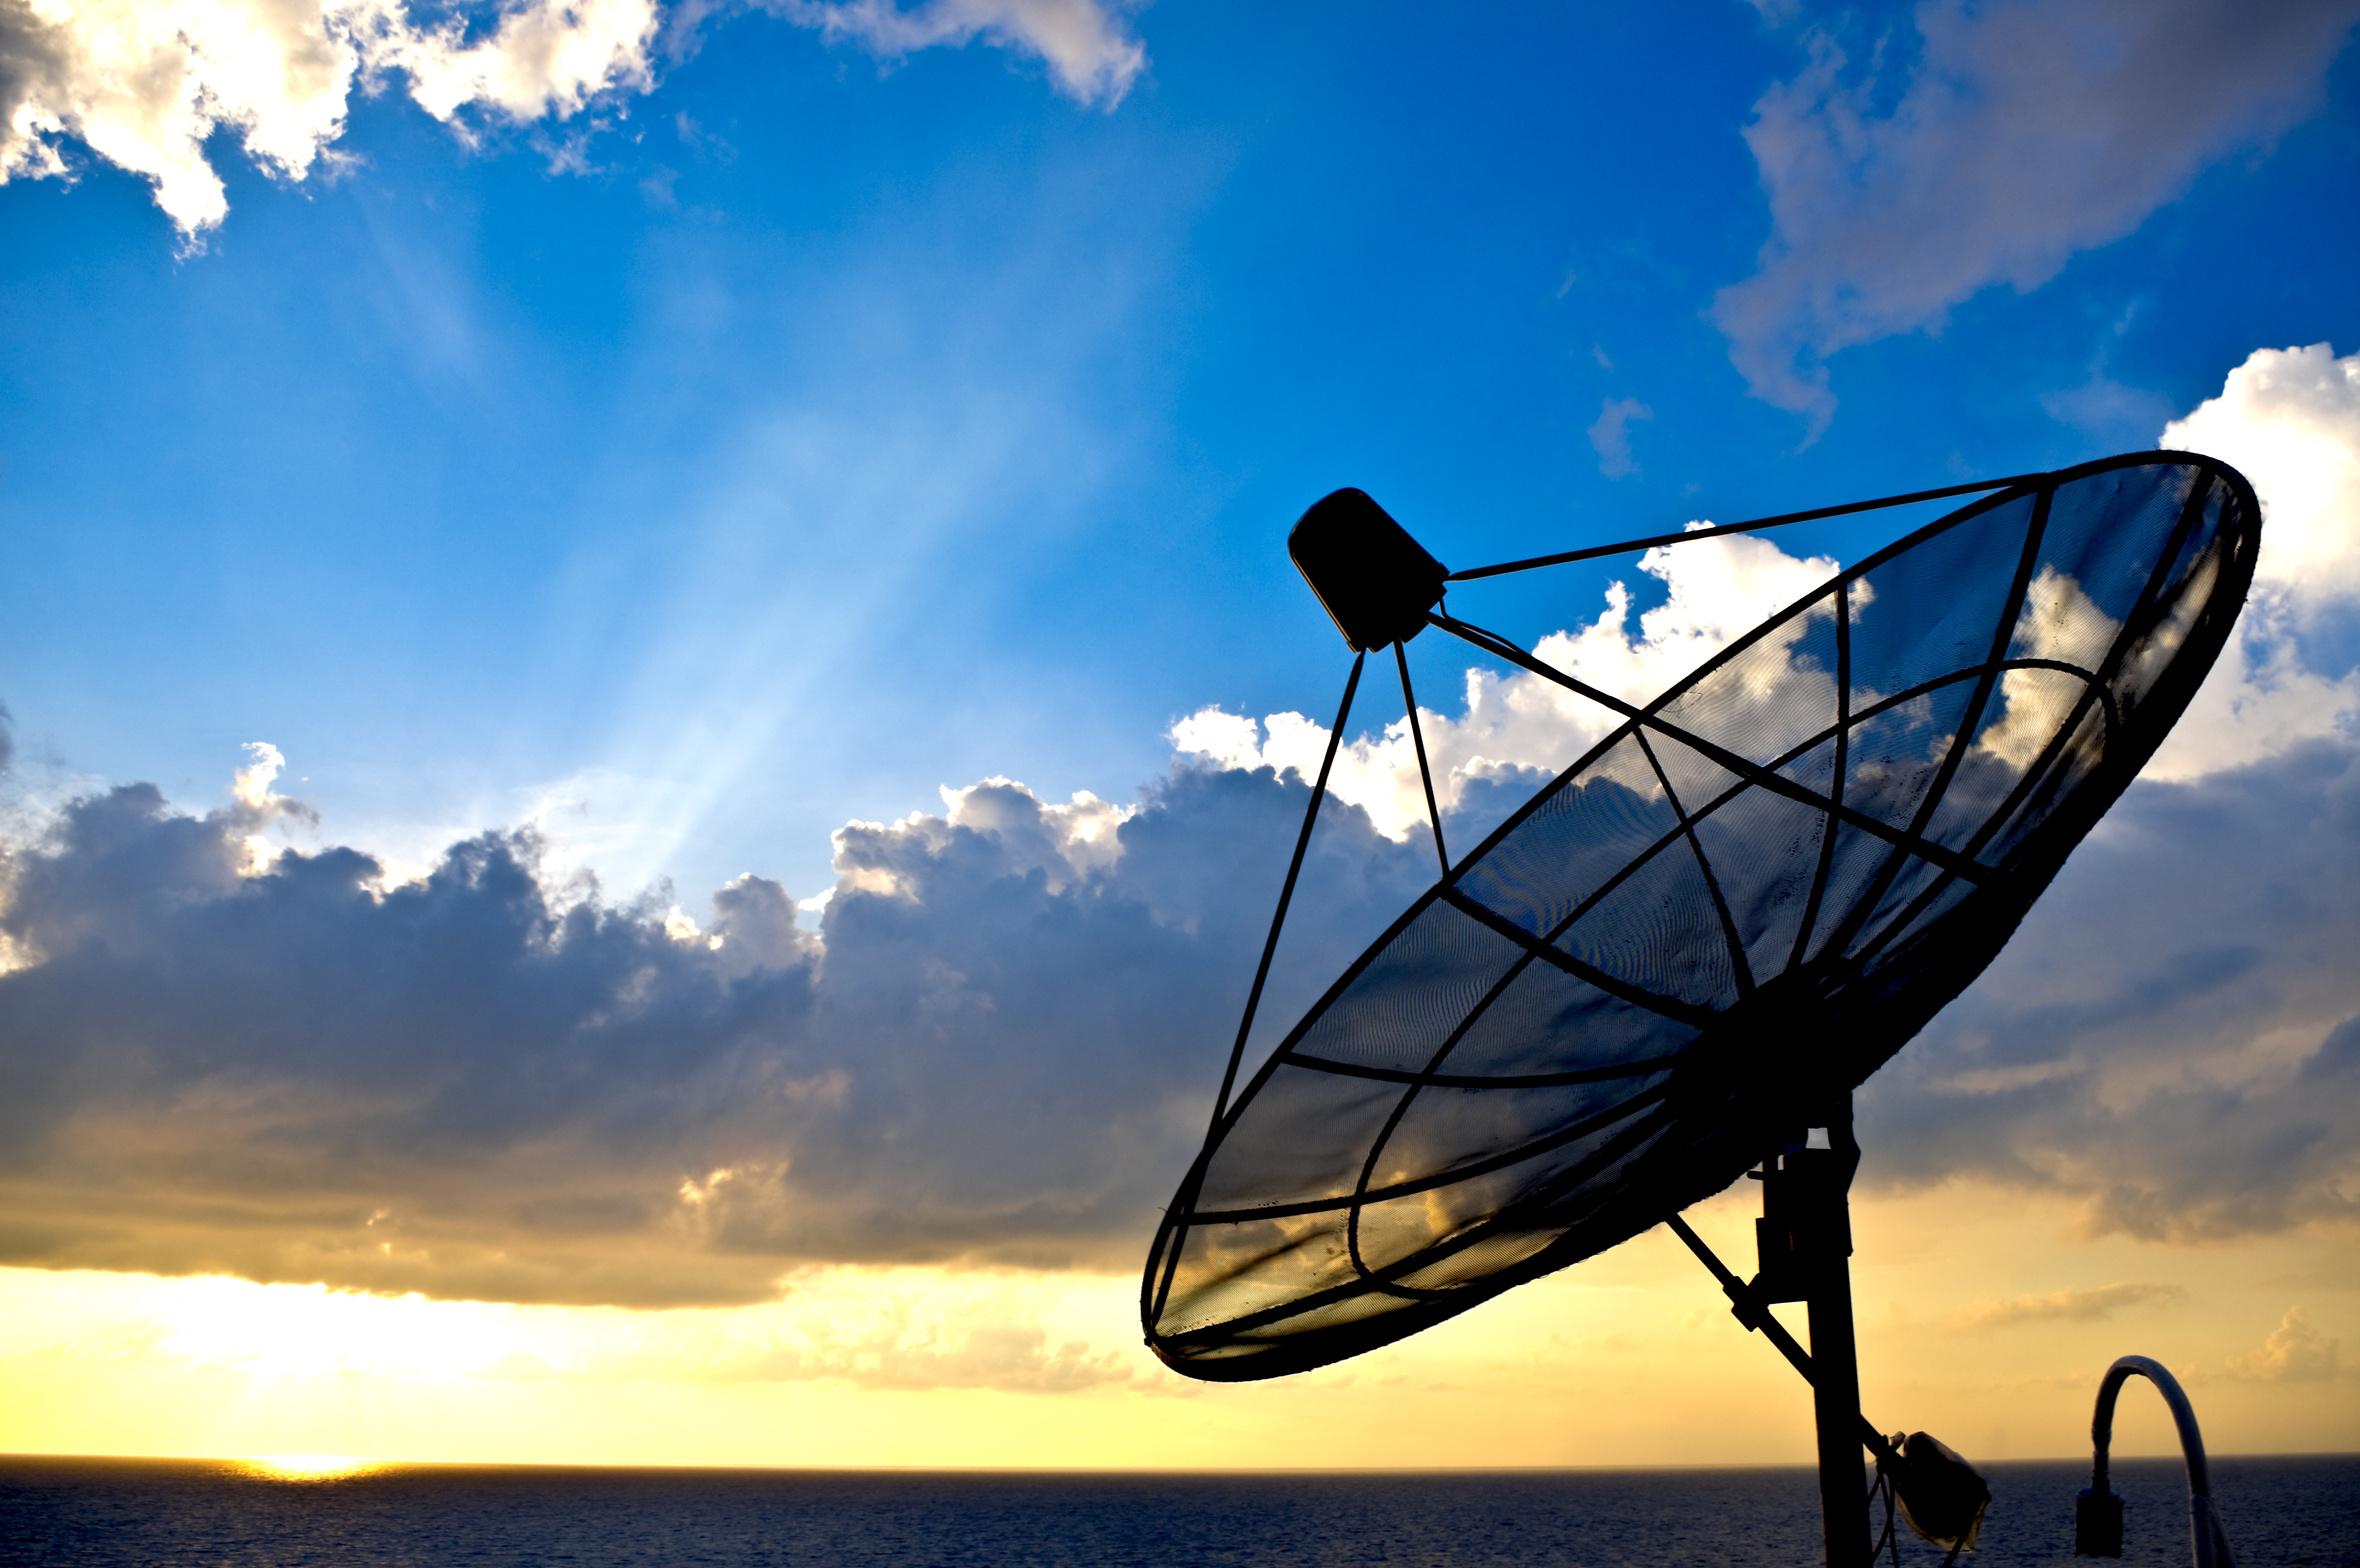 Empresas de telecomunicaciones buscan integrar blockchain con 5G y otras tecnologías emergentes, especialmente en China